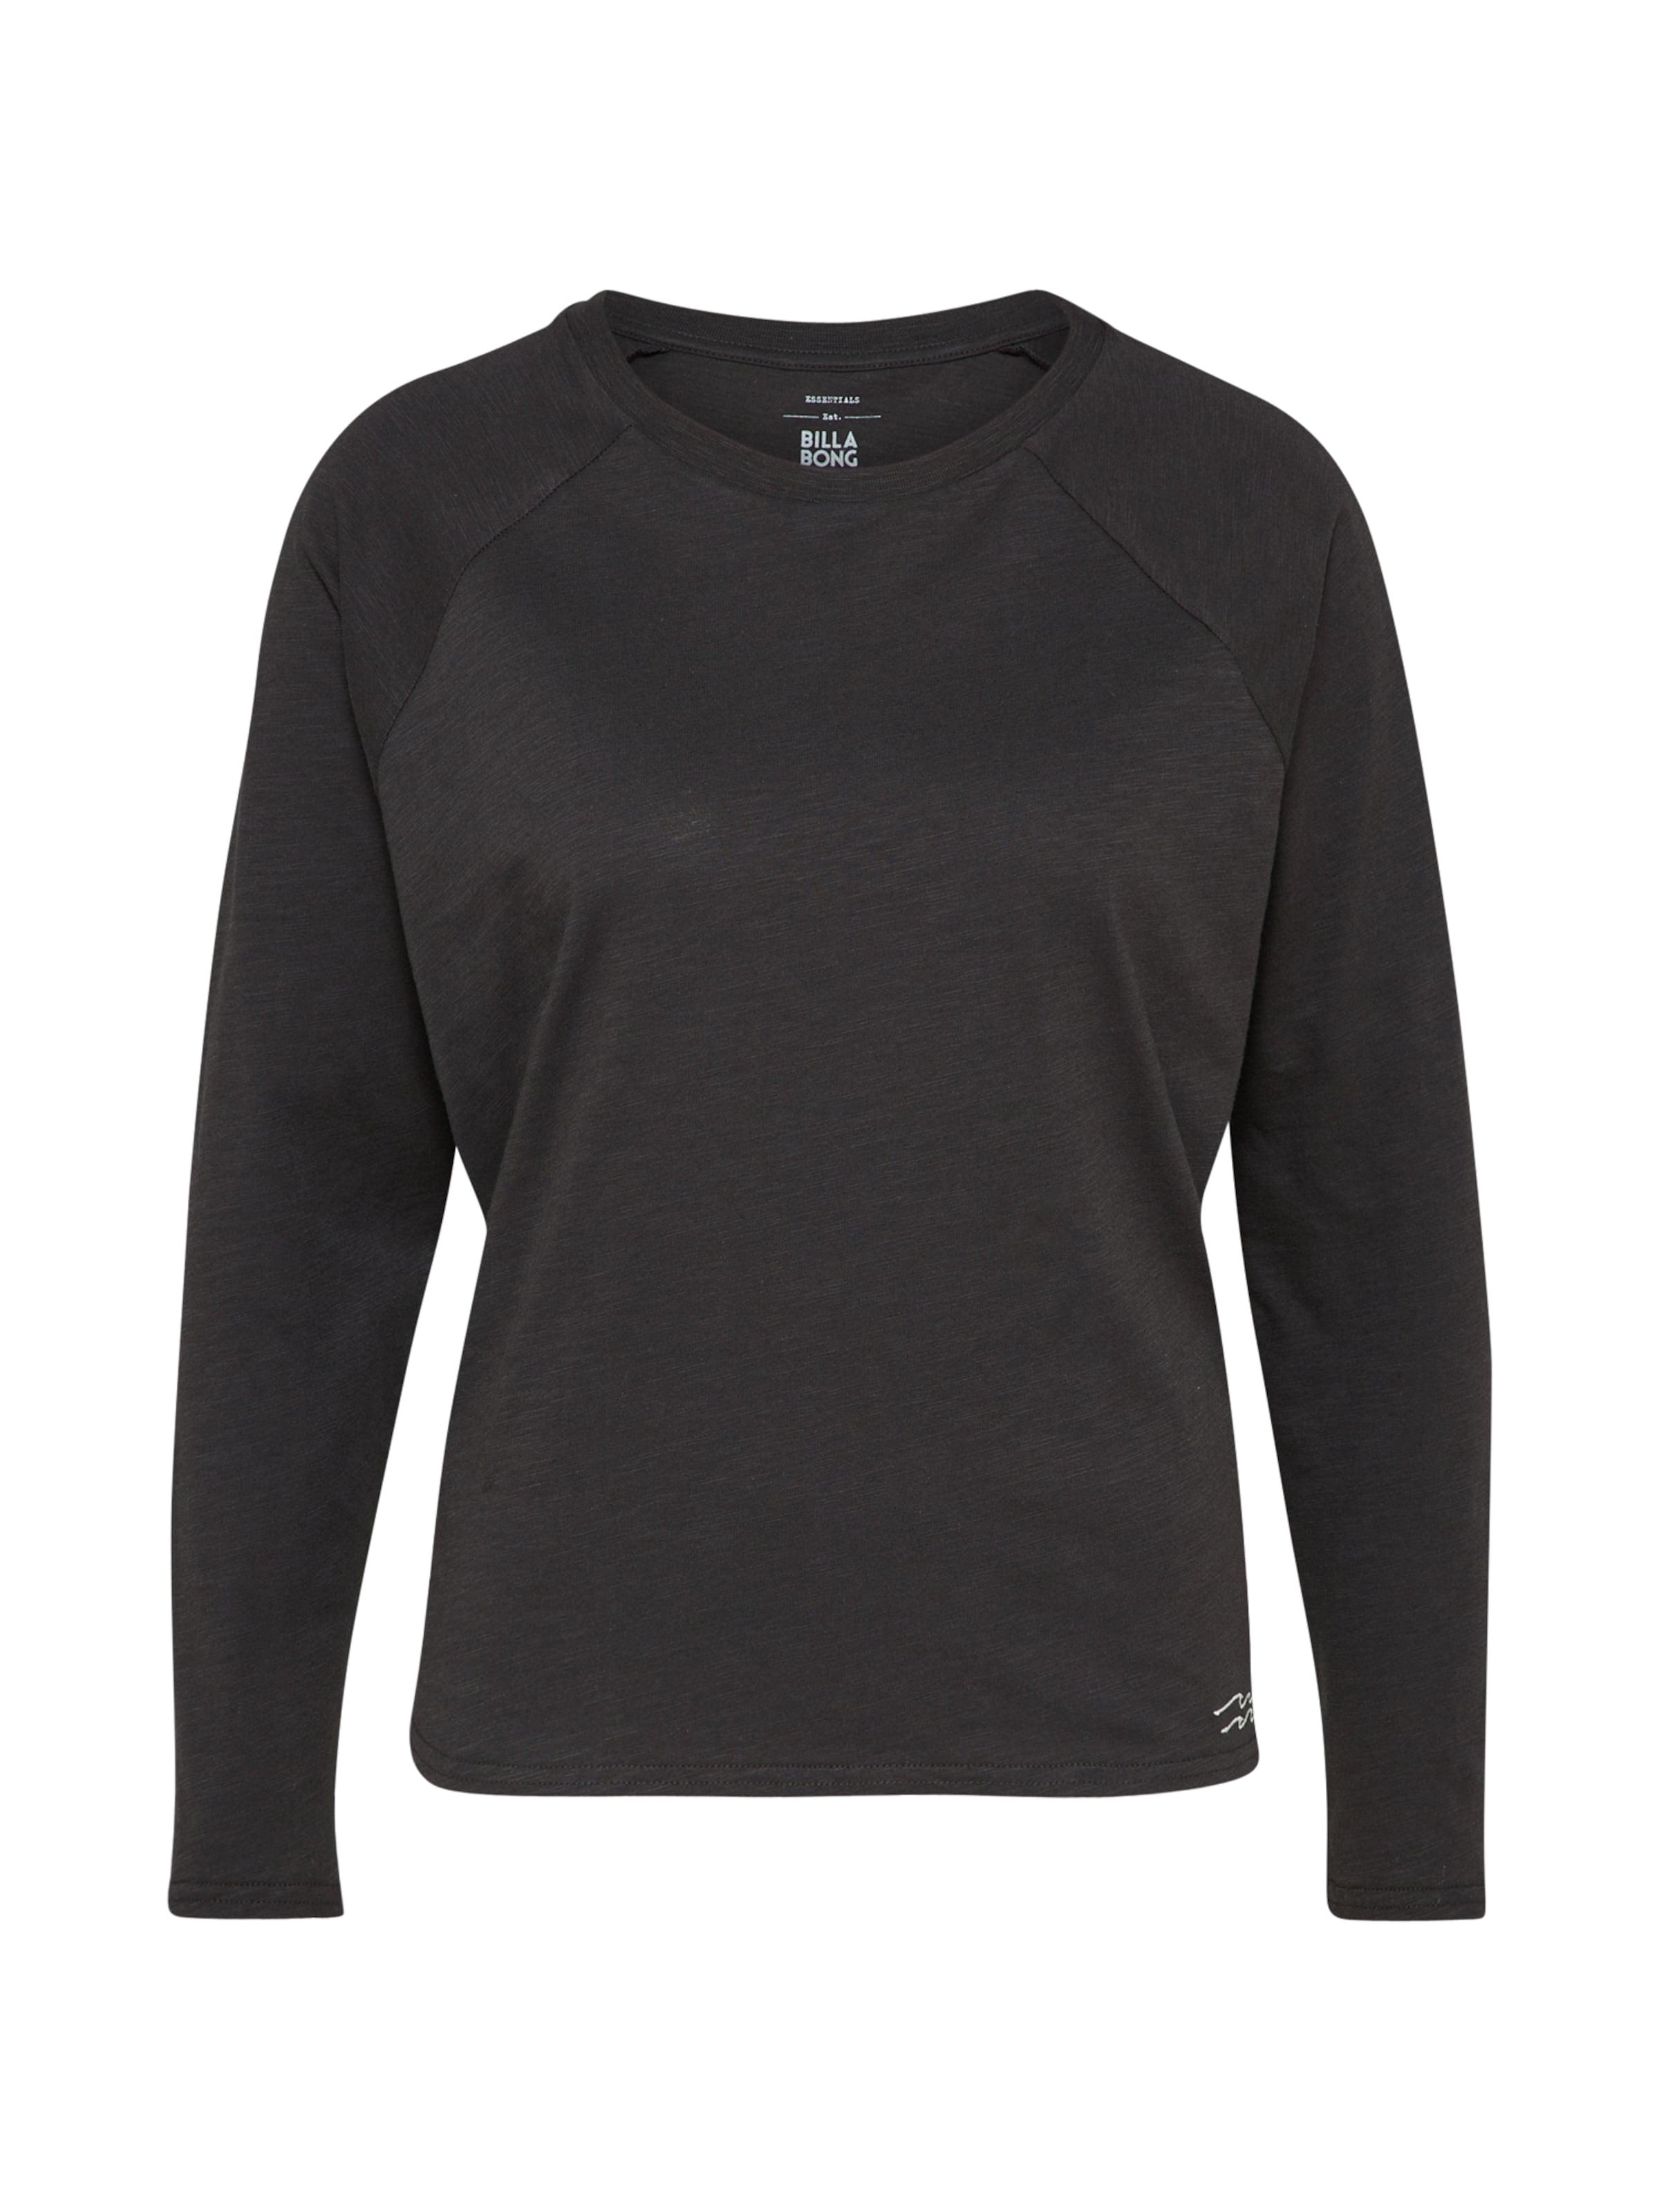 NoirBlanc Billabong T Billabong NoirBlanc T shirt En T shirt En Billabong zSUMVpq